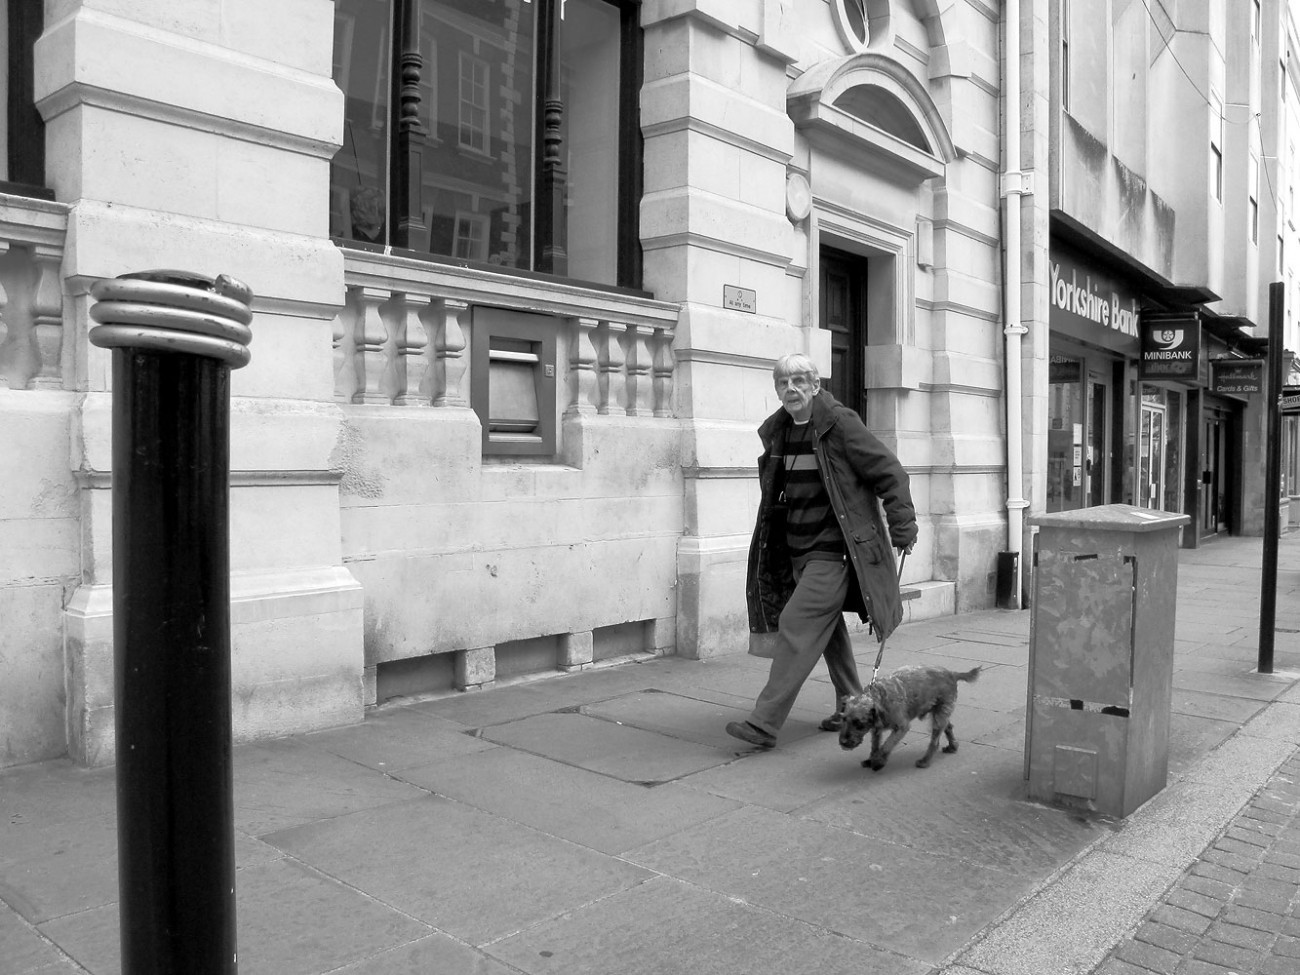 Dog-walking-at-any-time.jpg